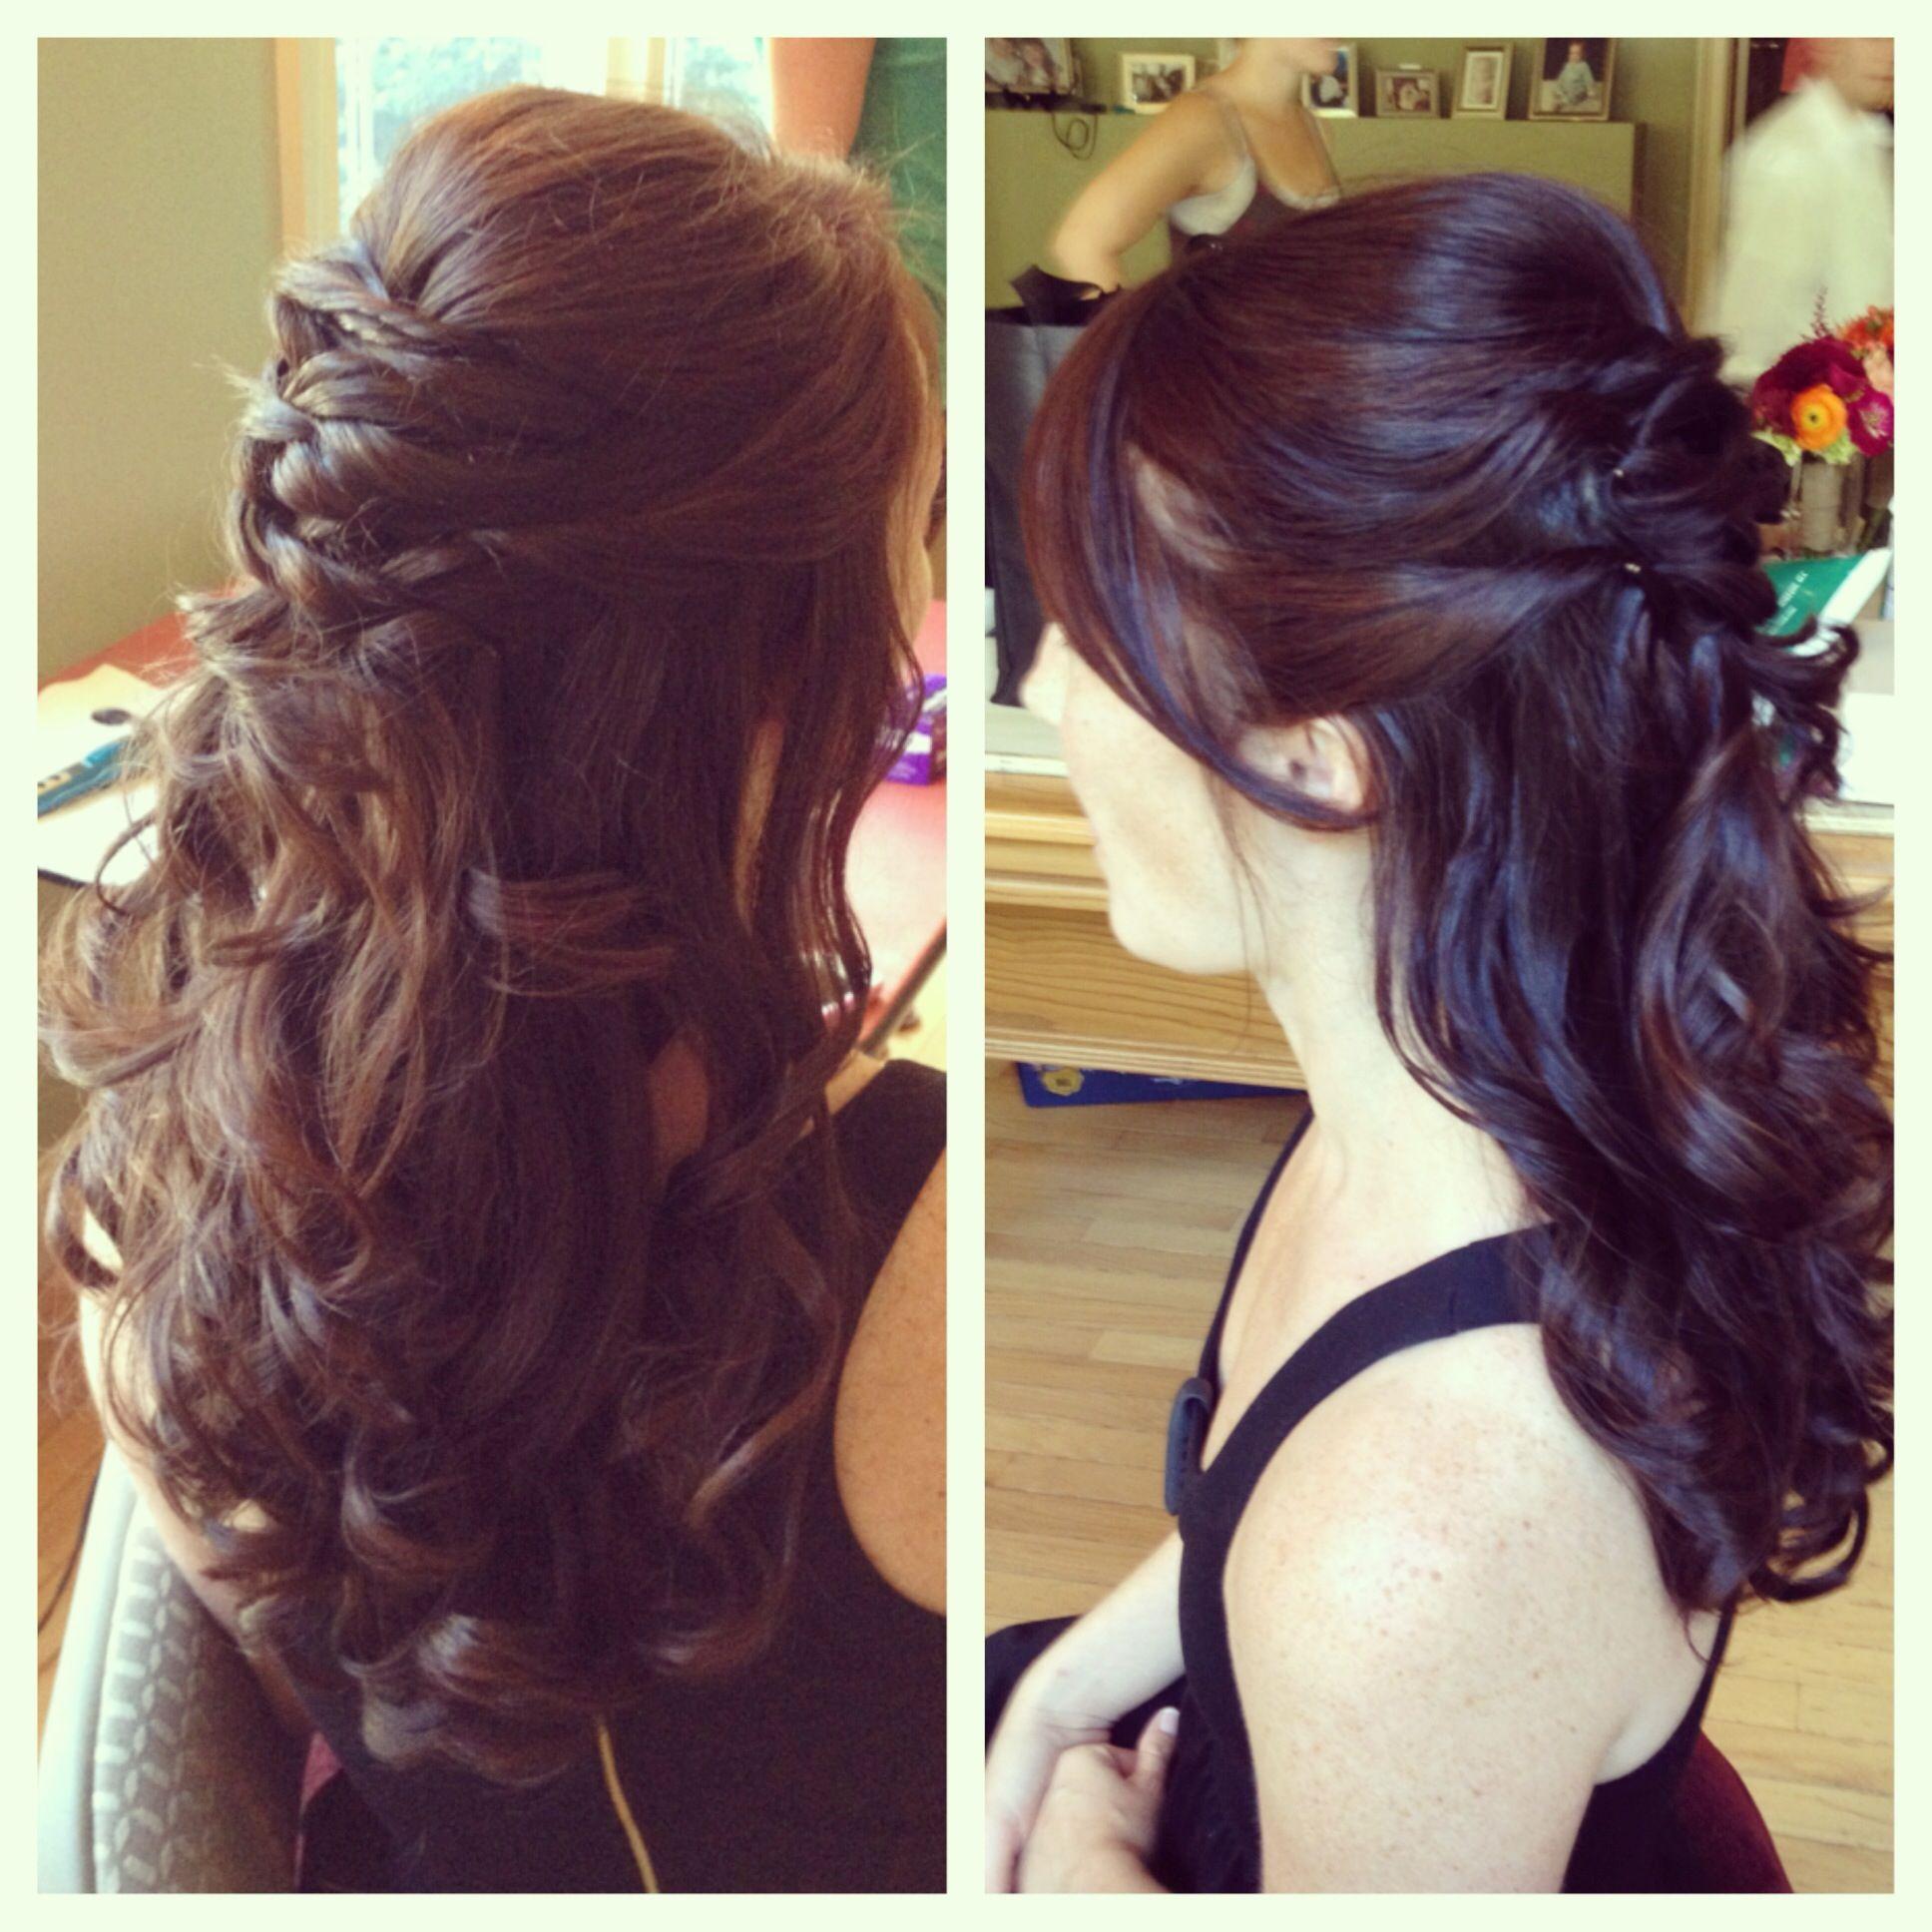 Bridal hair wedding hair bride hair by ashley spadano updo